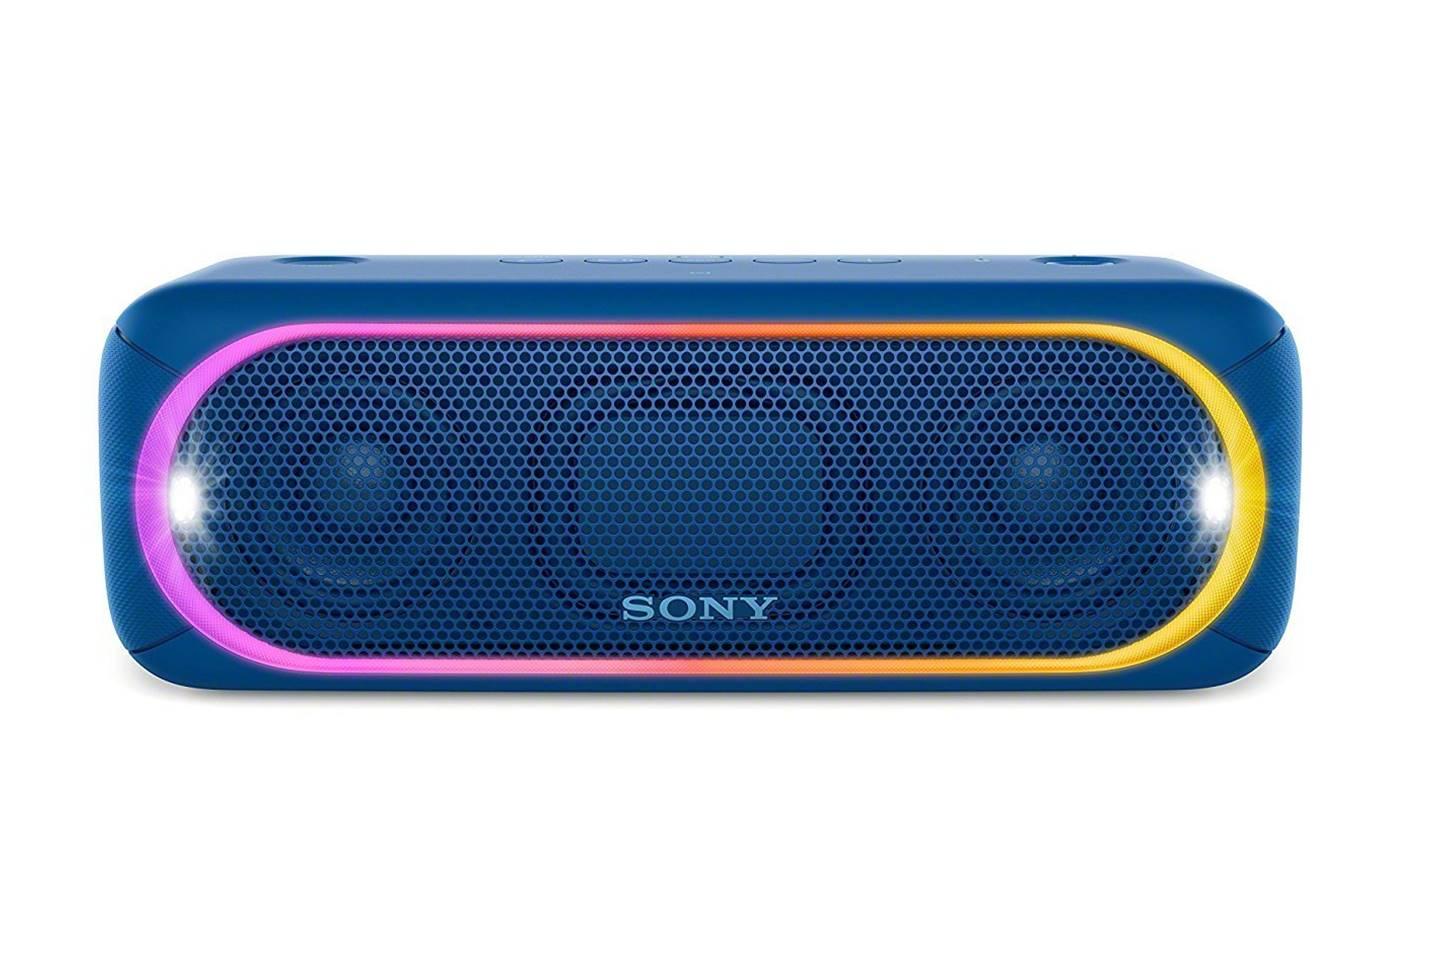 Sony SRSXB30 Speaker